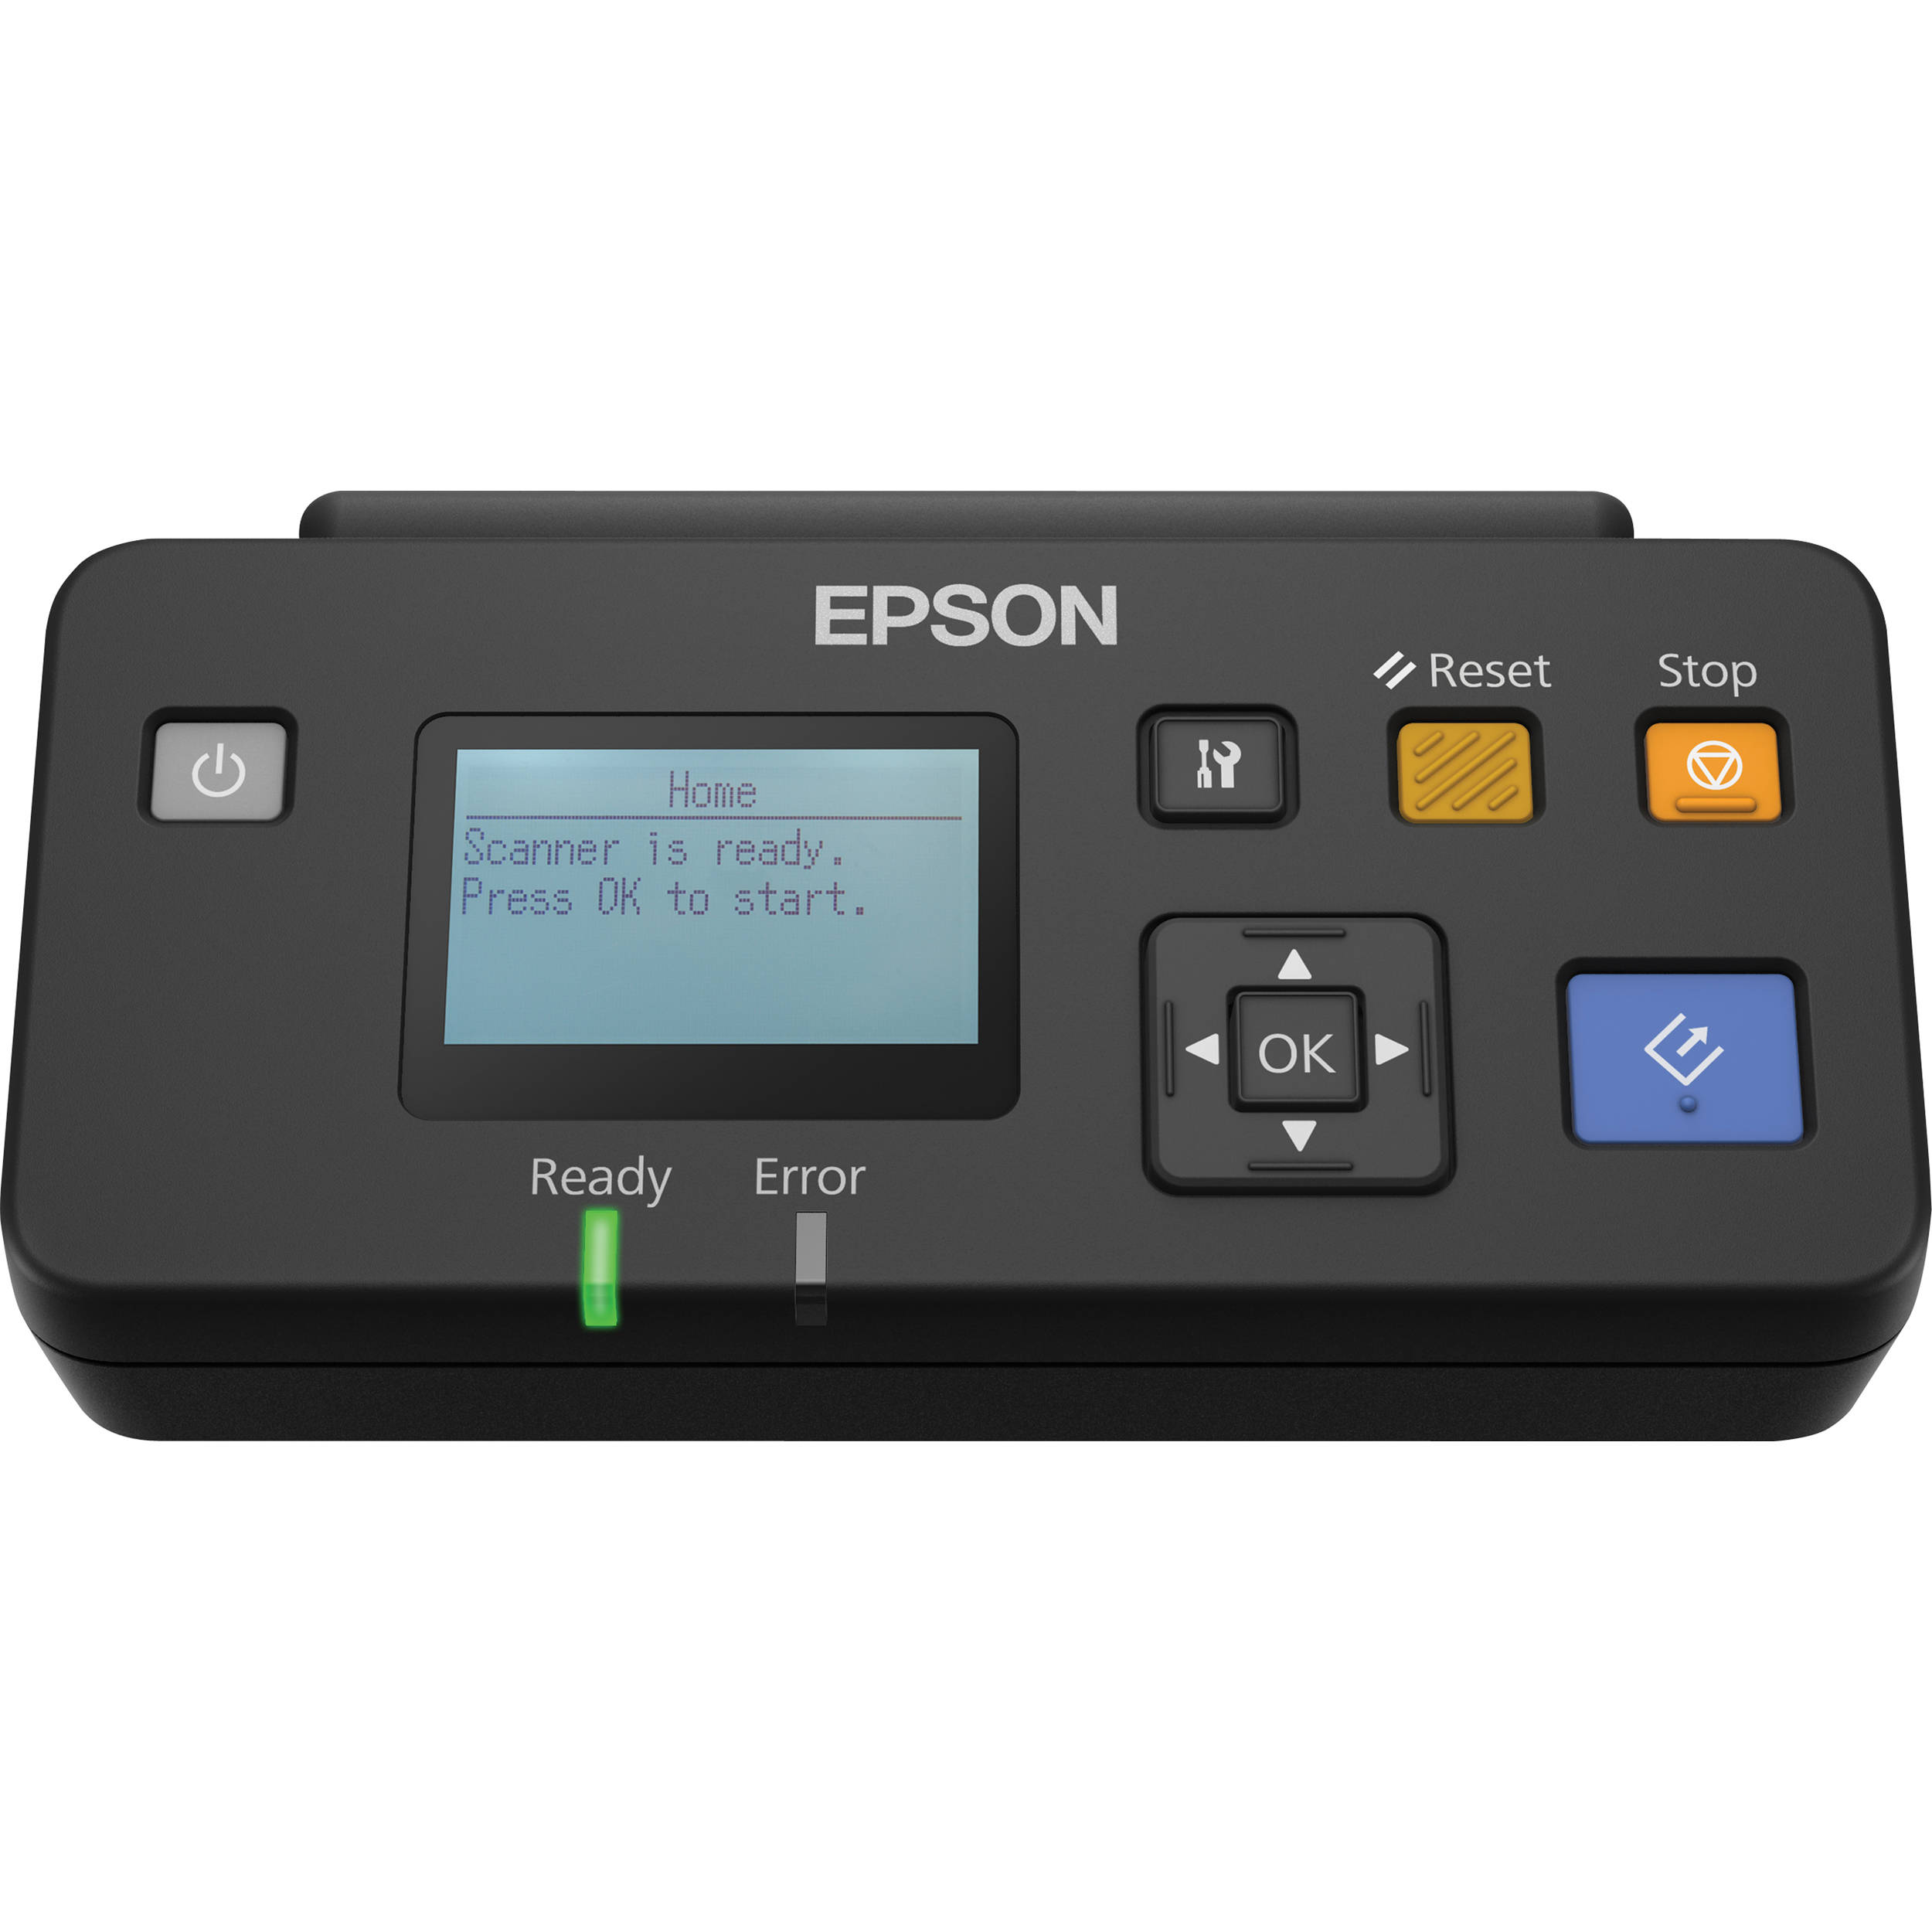 epson ds-510 scanner